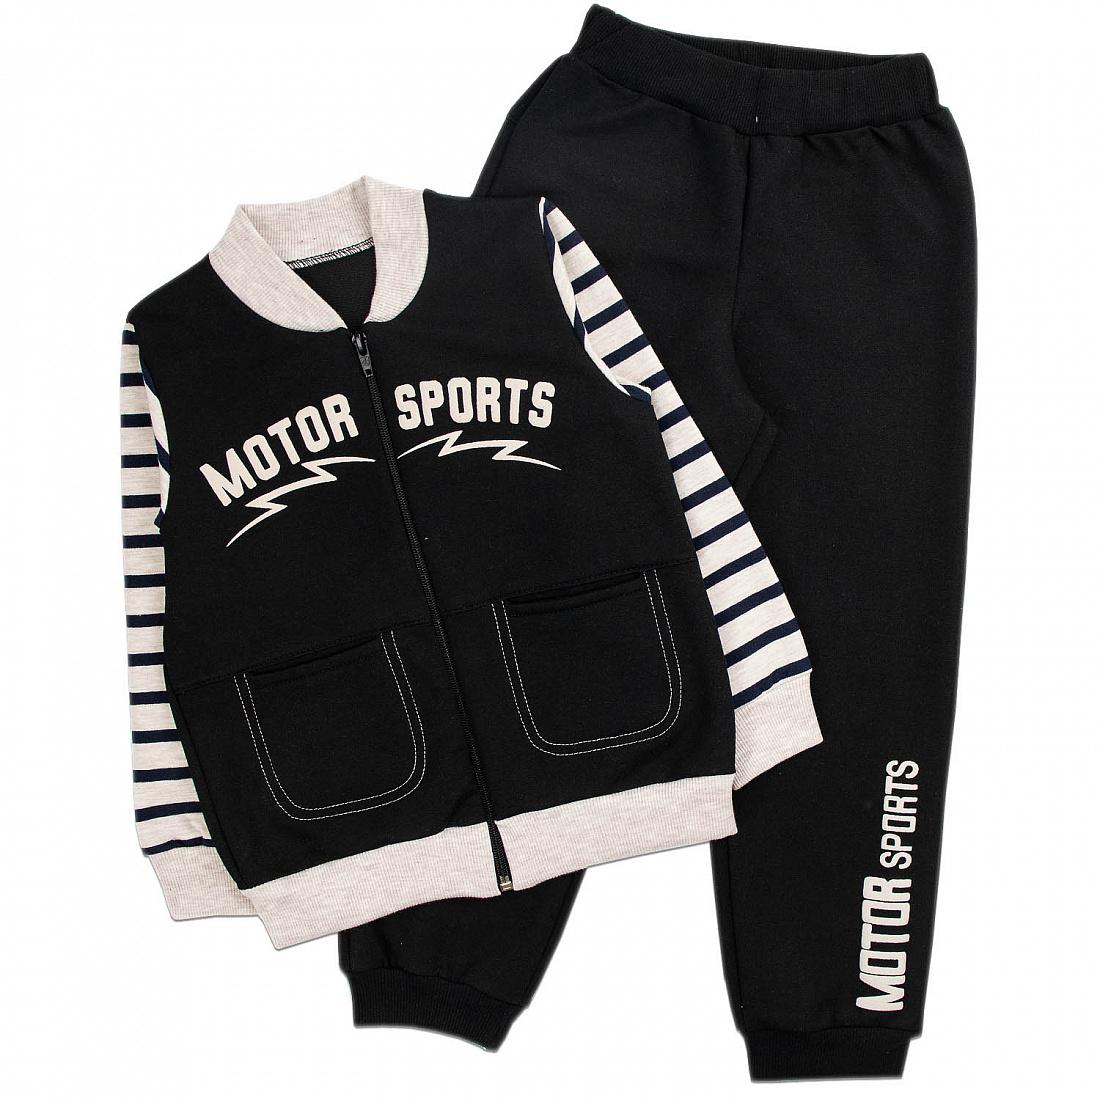 Спортивный костюм для мальчиков Юлла 843/848фд ап цв. черный  р.104